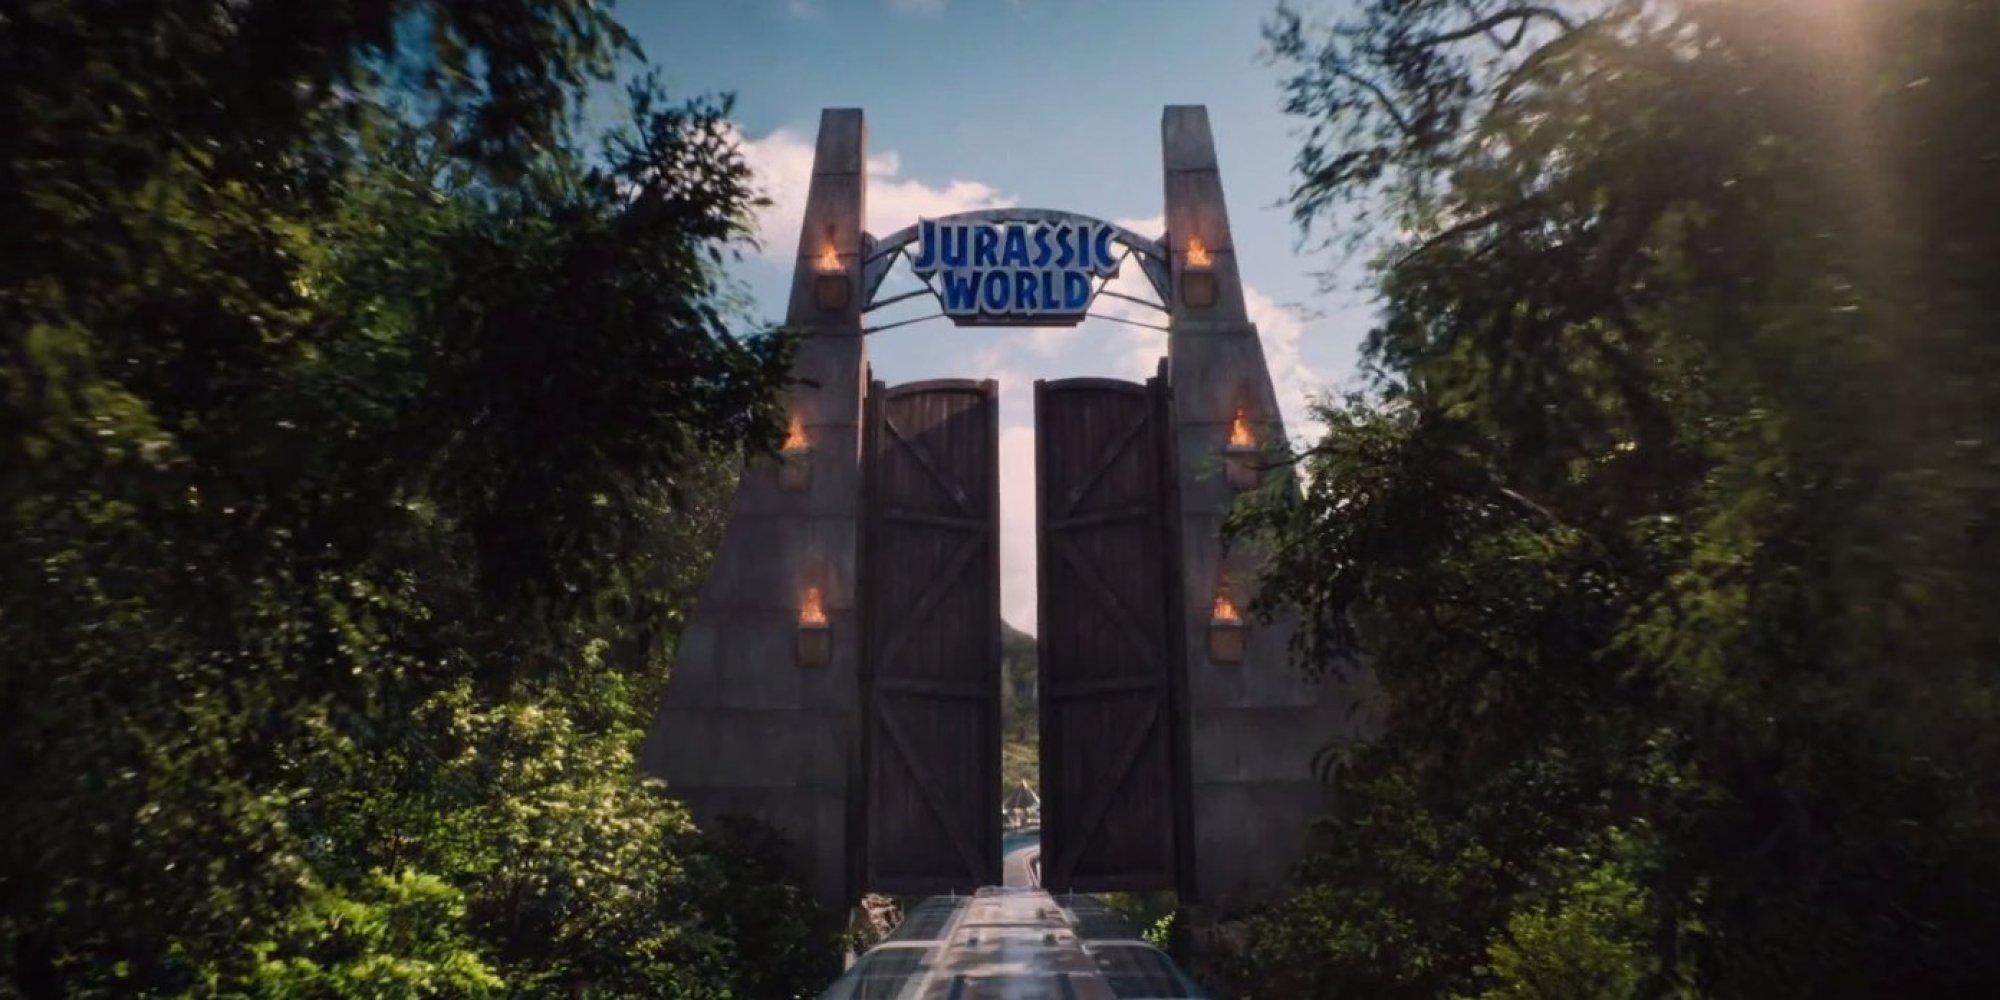 The 'Jurassic World' Teaser Trailer Has Arrived | HuffPost